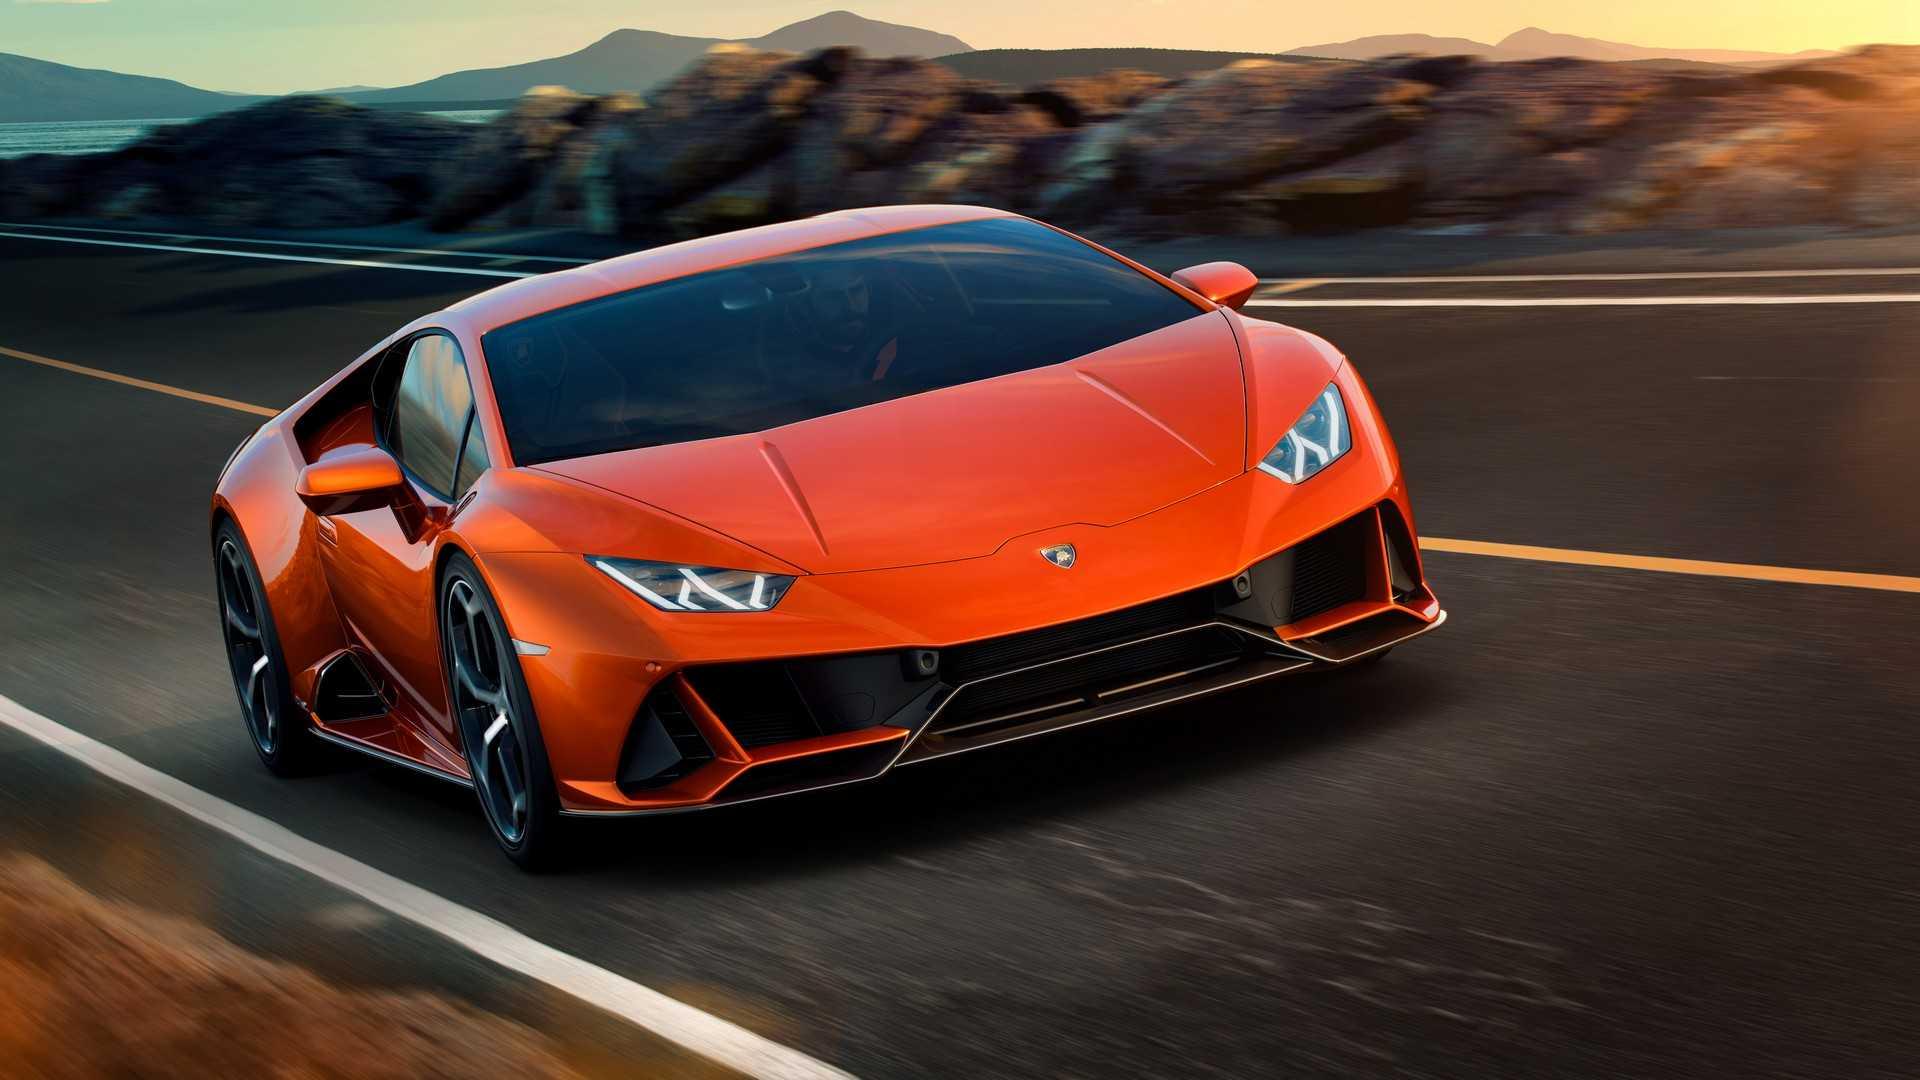 2020 Lamborghini Huracan Redesign and Review